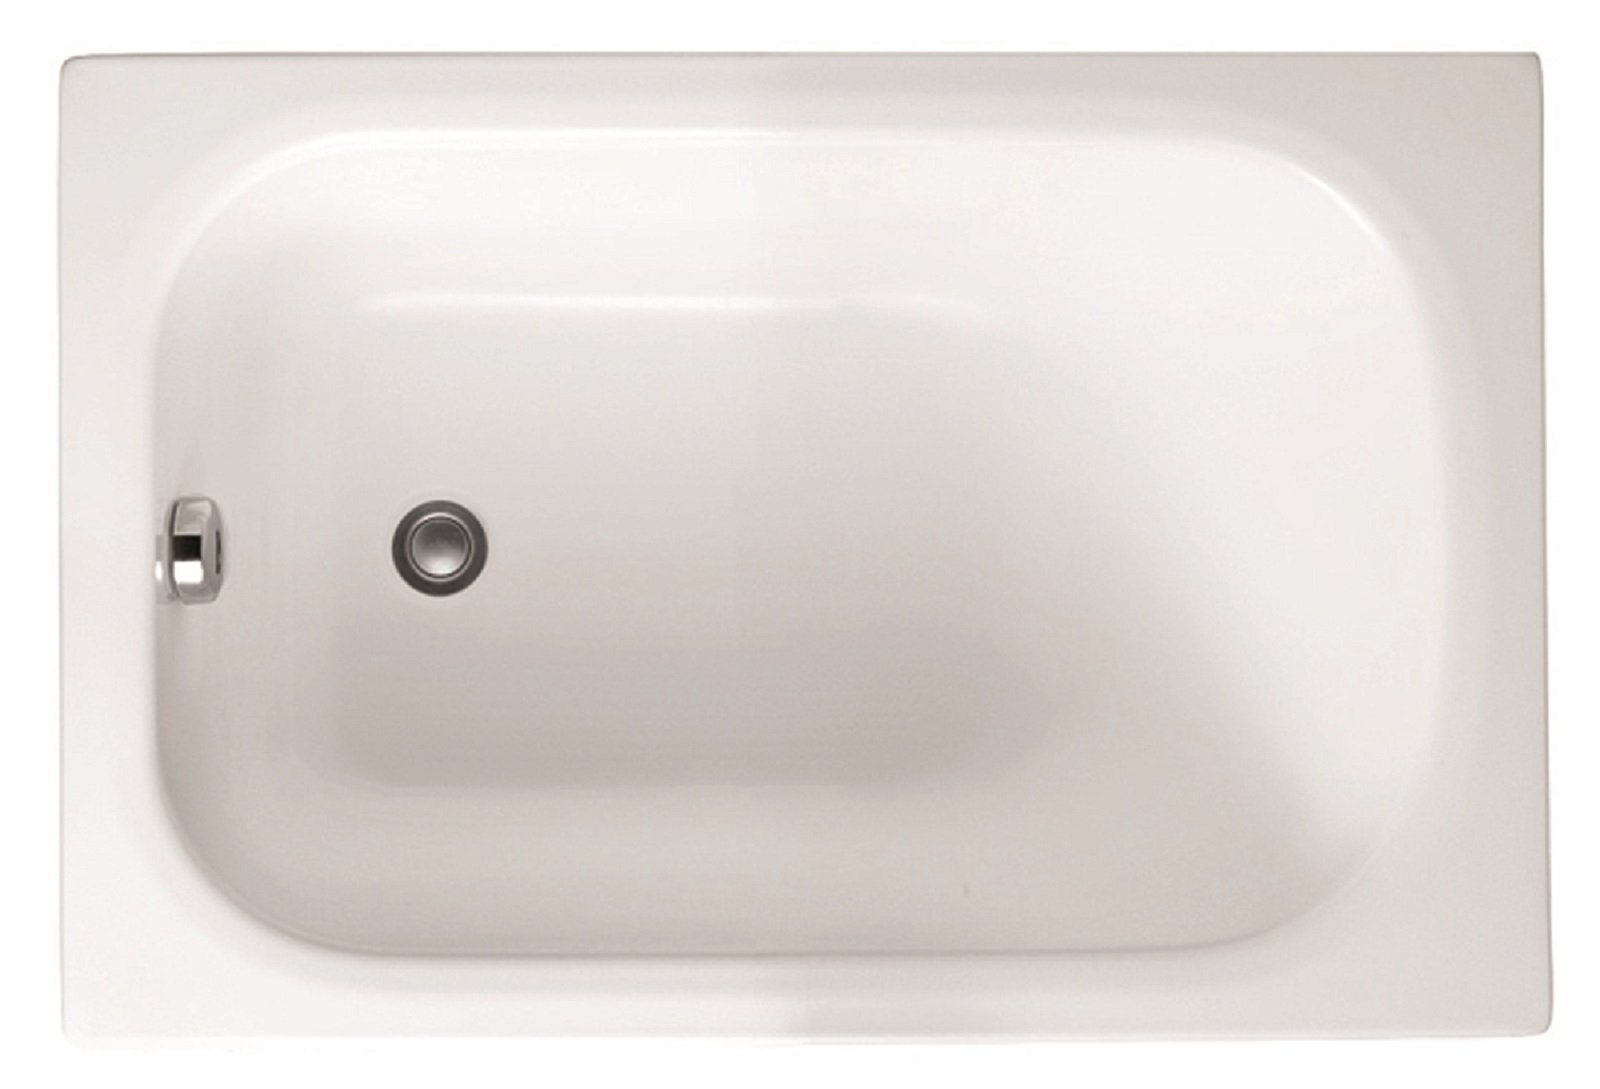 18 soluzioni salvaspazio per il bagno per risparmiare - Leroy merlin parete vasca bagno ...